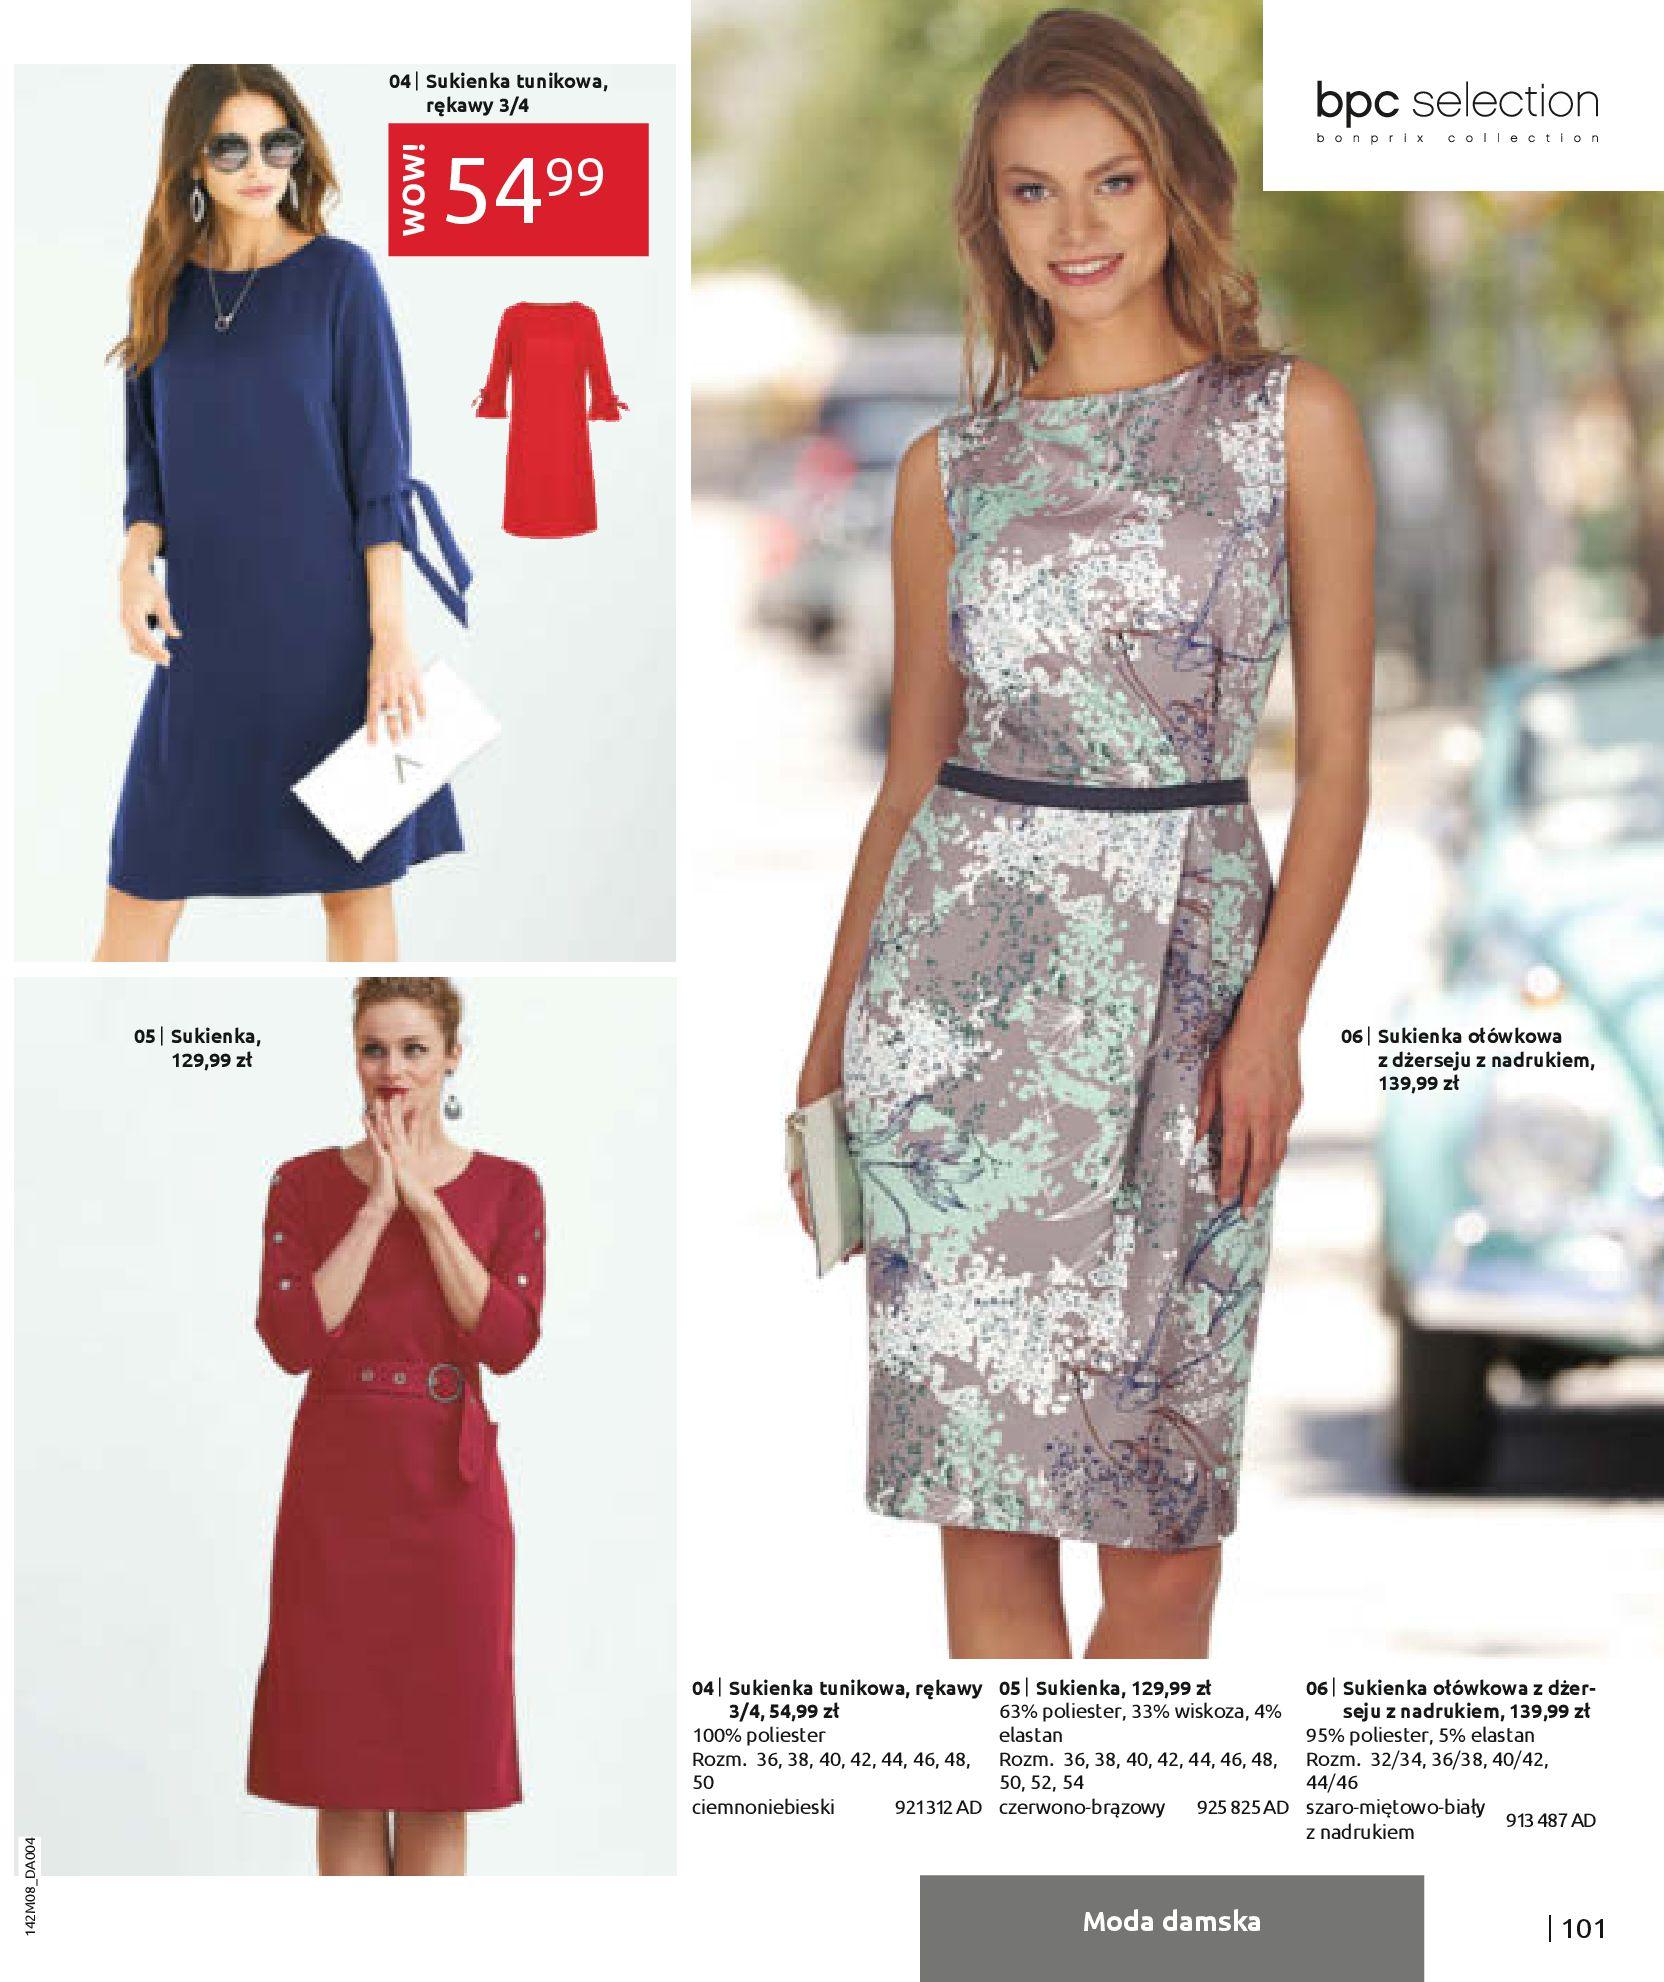 Gazetka Bonprix - Hity dżinsowej mody!-25.08.2020-10.02.2021-page-103